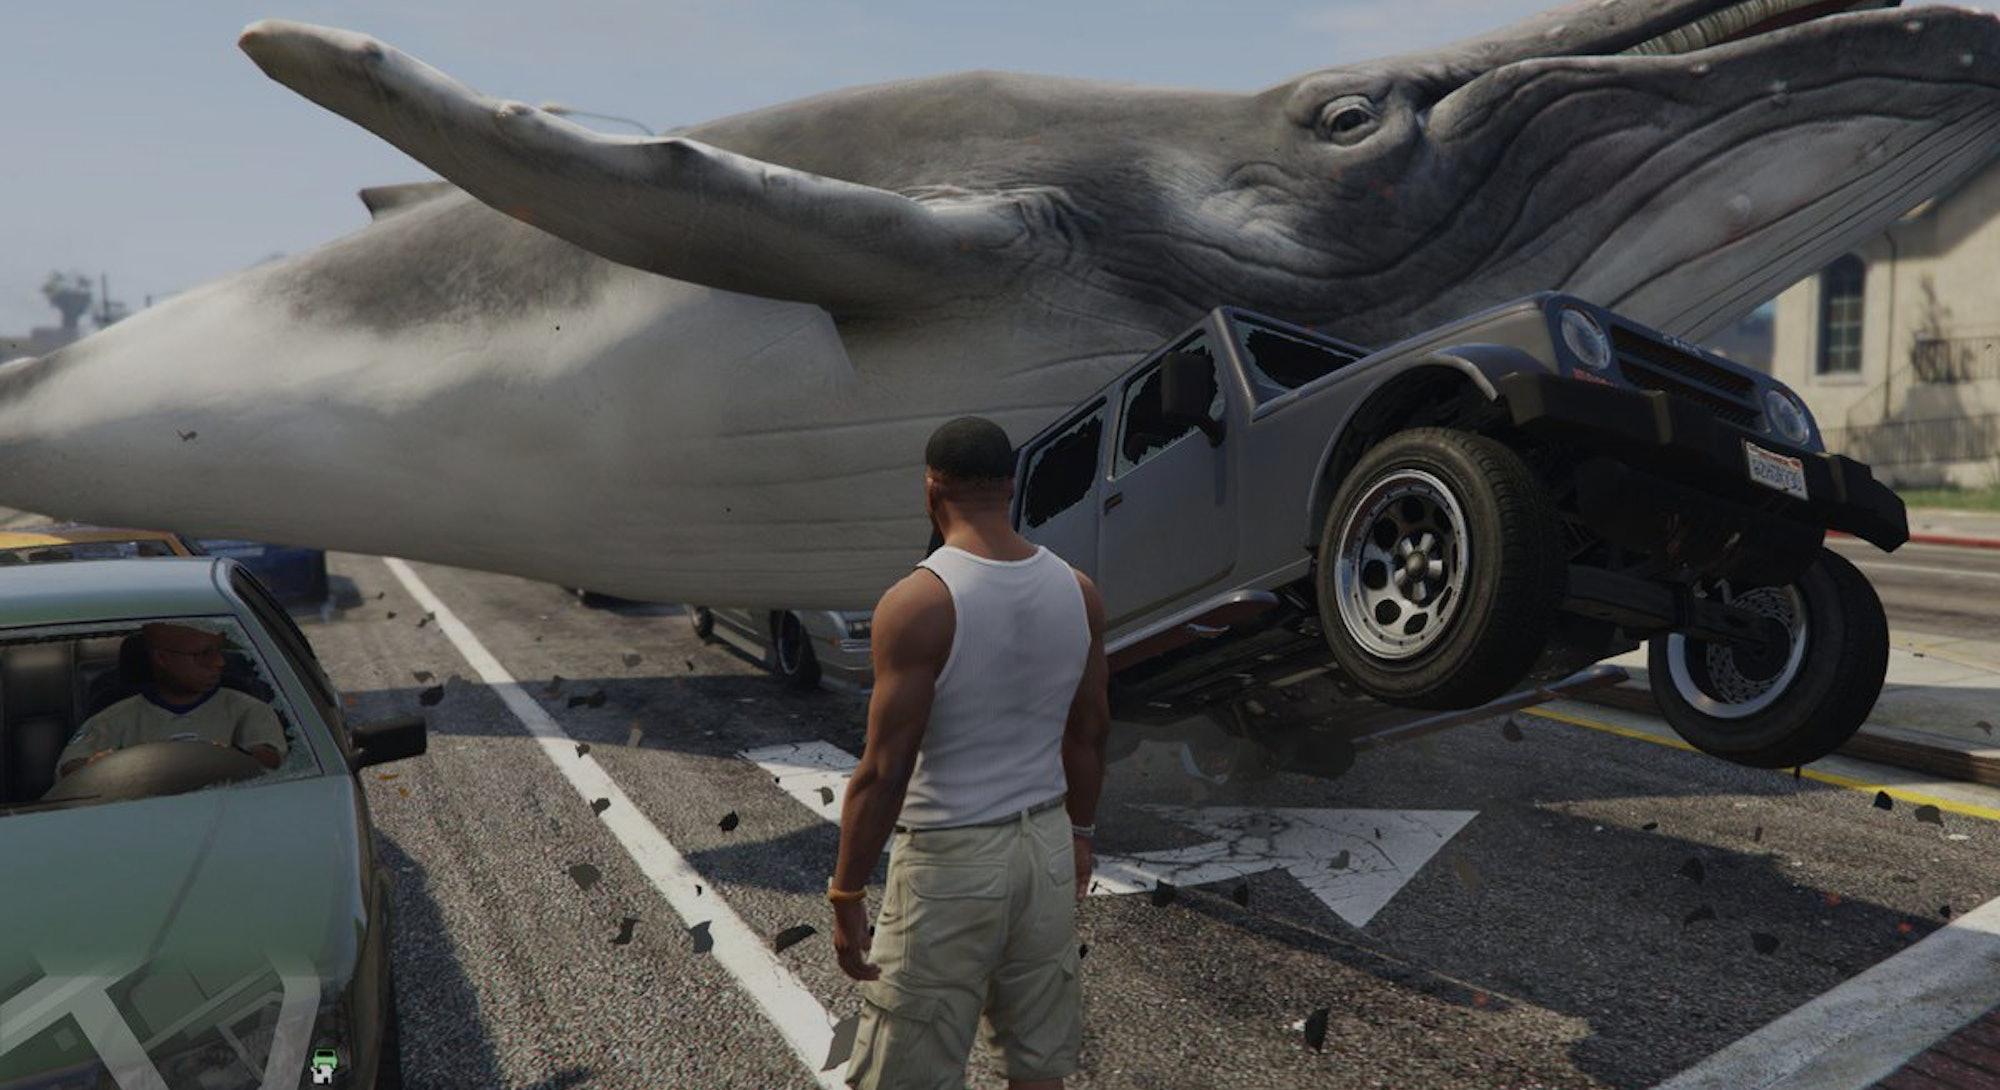 A still of a mod from GTA V